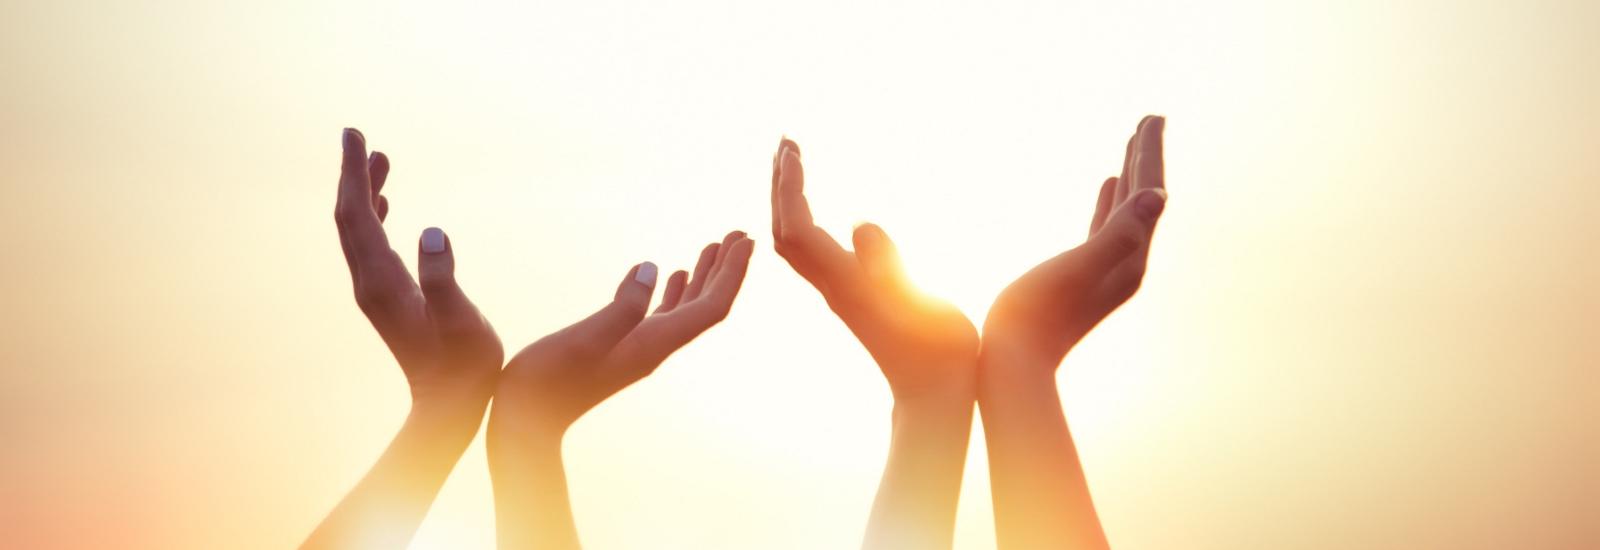 Hands raised in prayerful gesture.